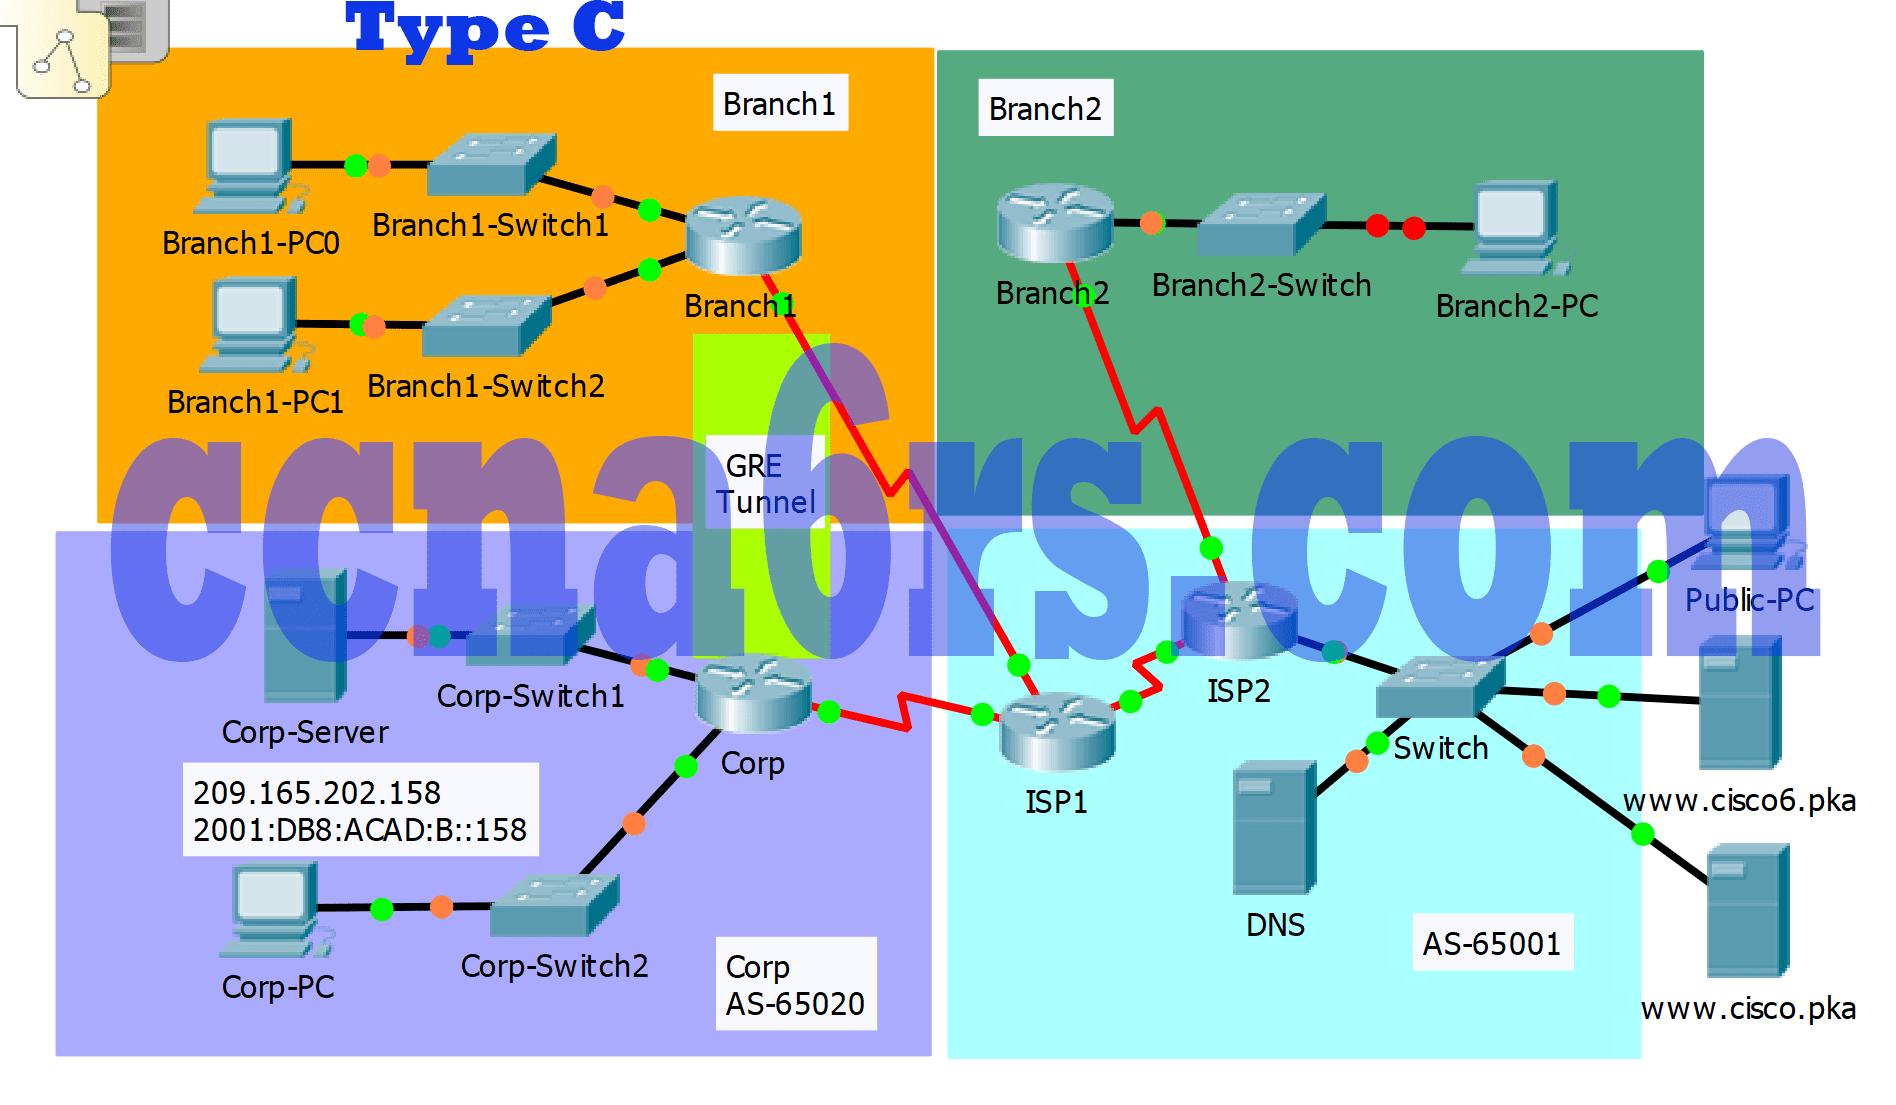 CN Practice Skills Assessment - PT Type C